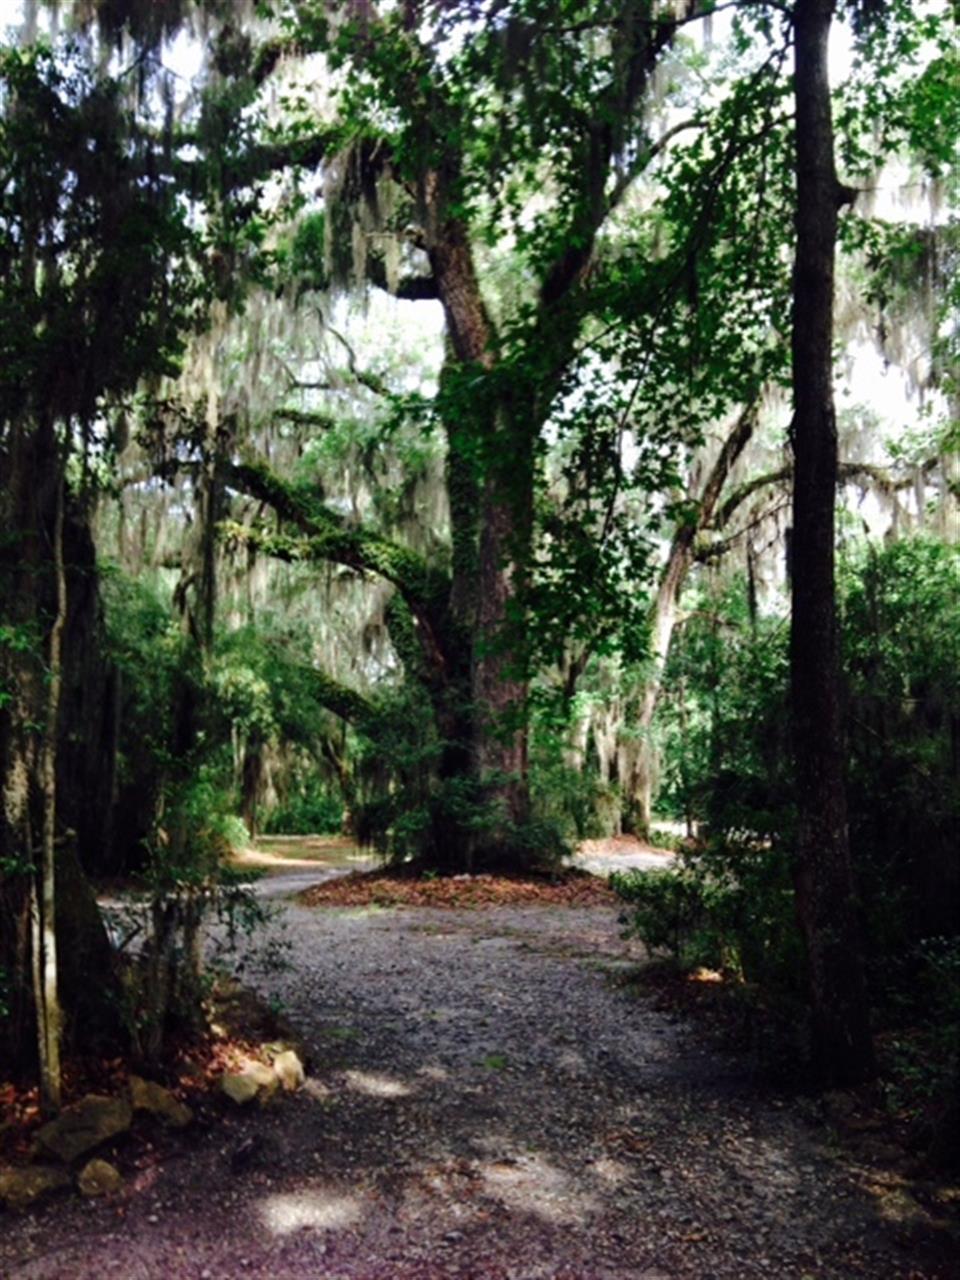 Darien beautiful moss covered trees